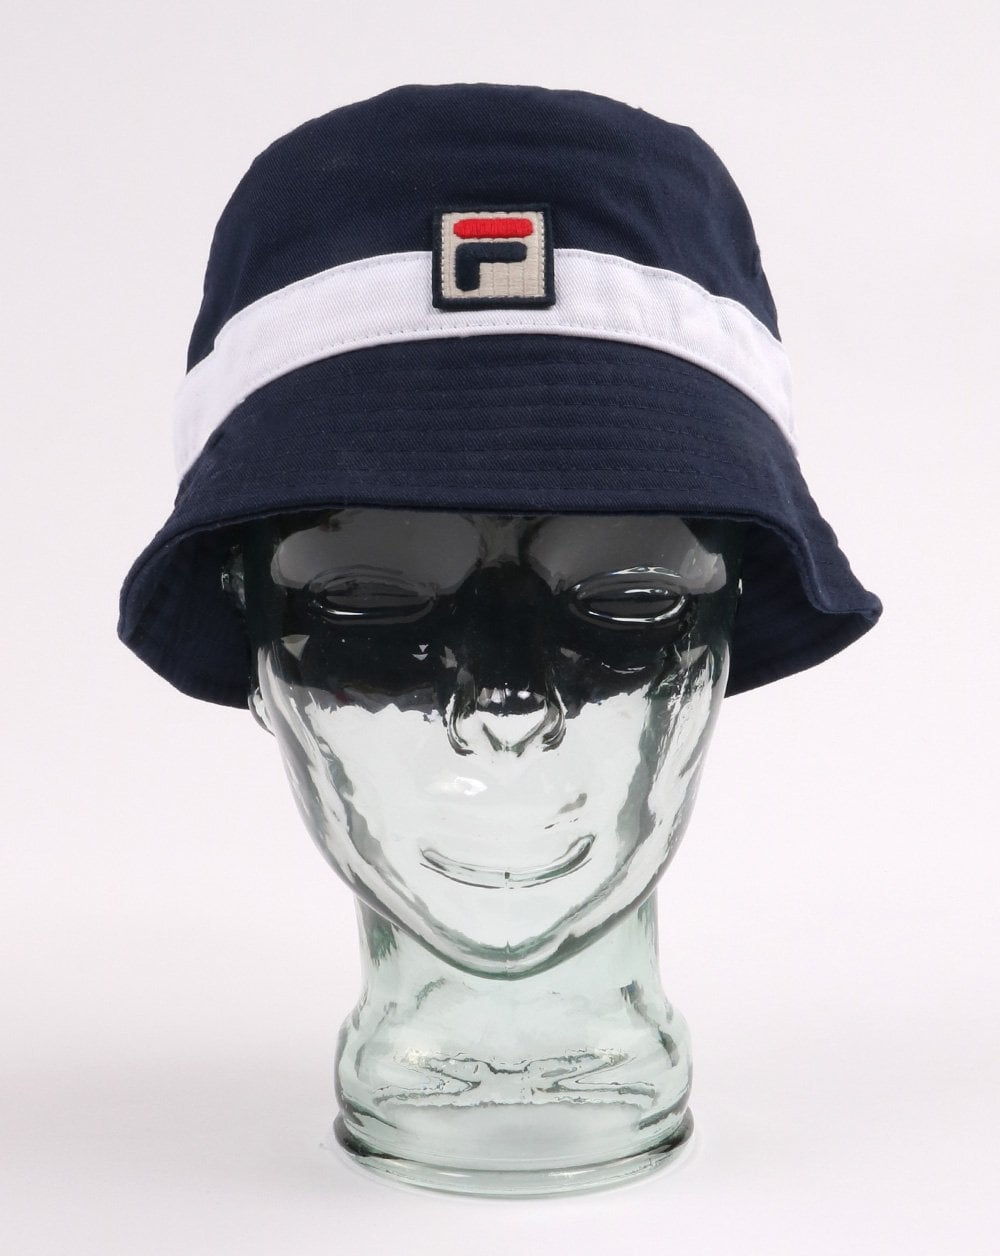 63e4c182b Fila Vintage Basil Bucket Hat Navy/White